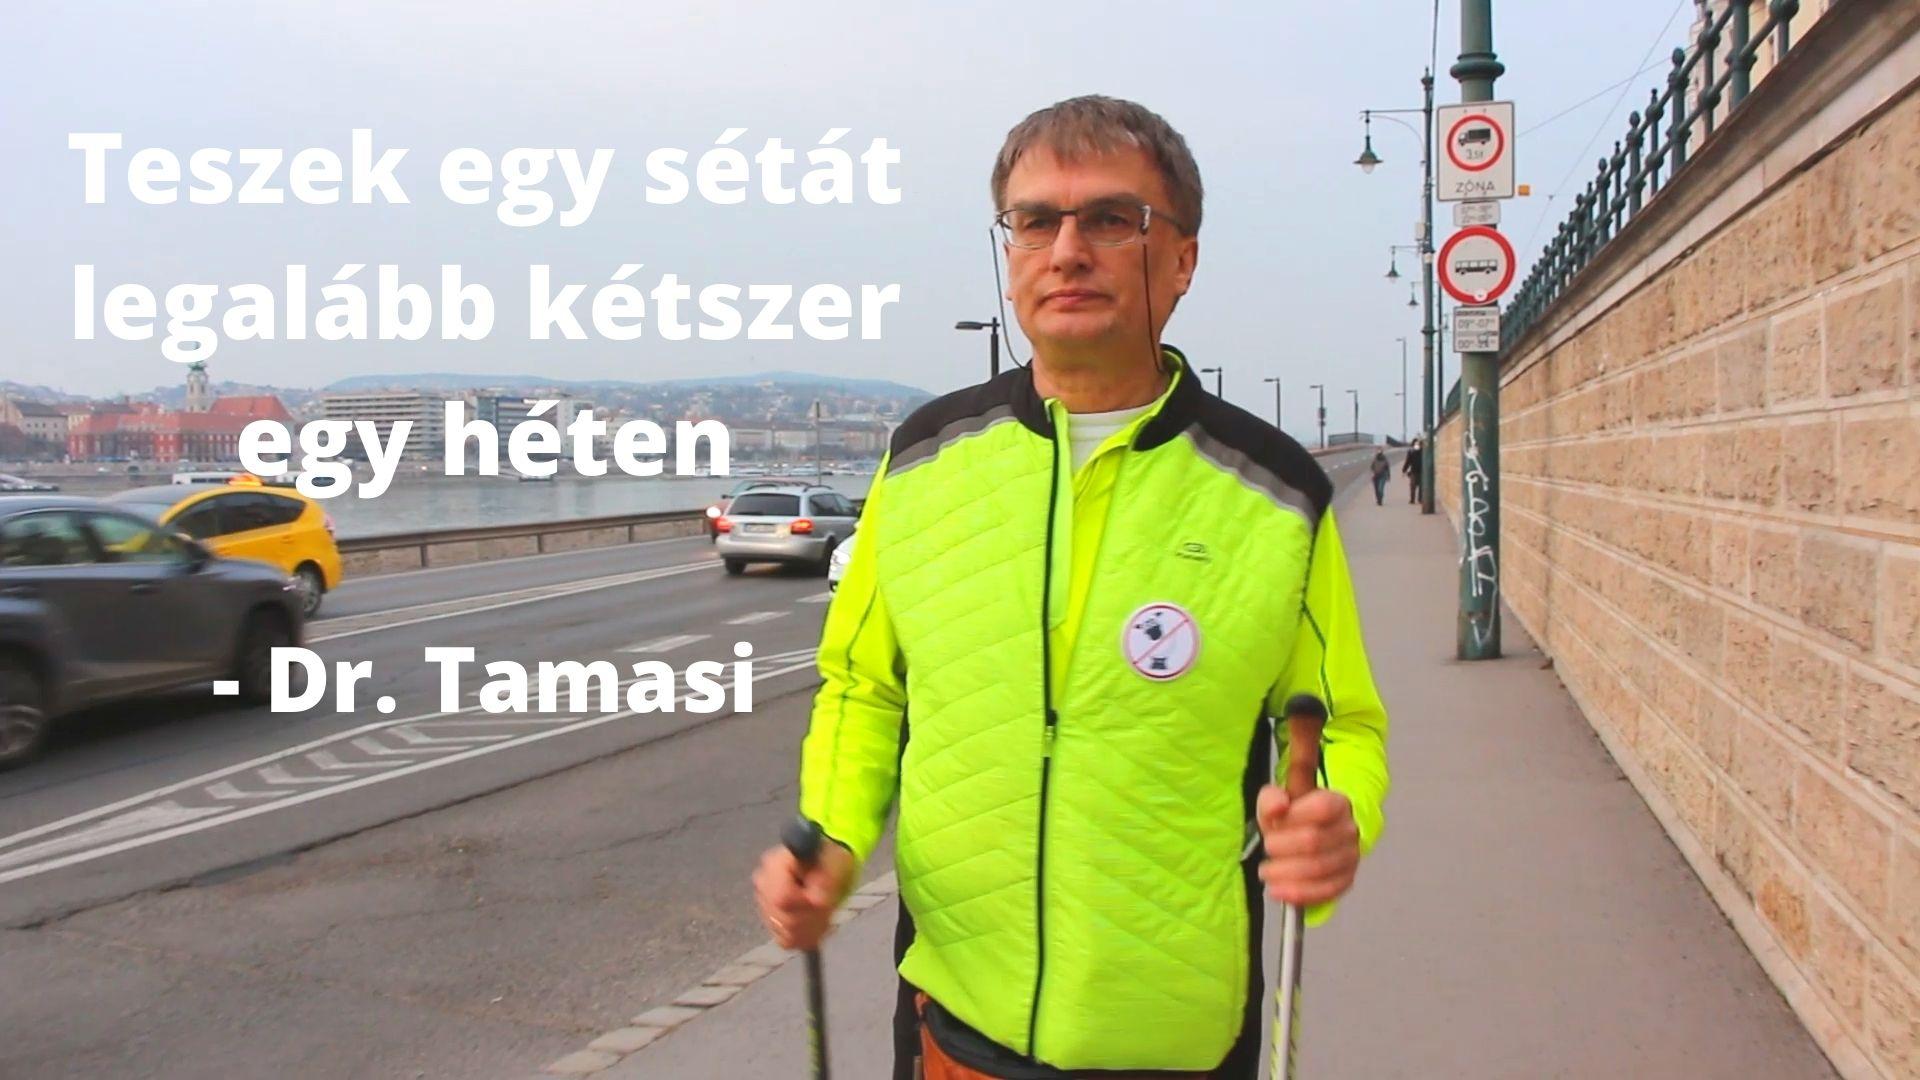 Teszek egy sétát legalább kétszer egy héten – Dr. Tamasi József